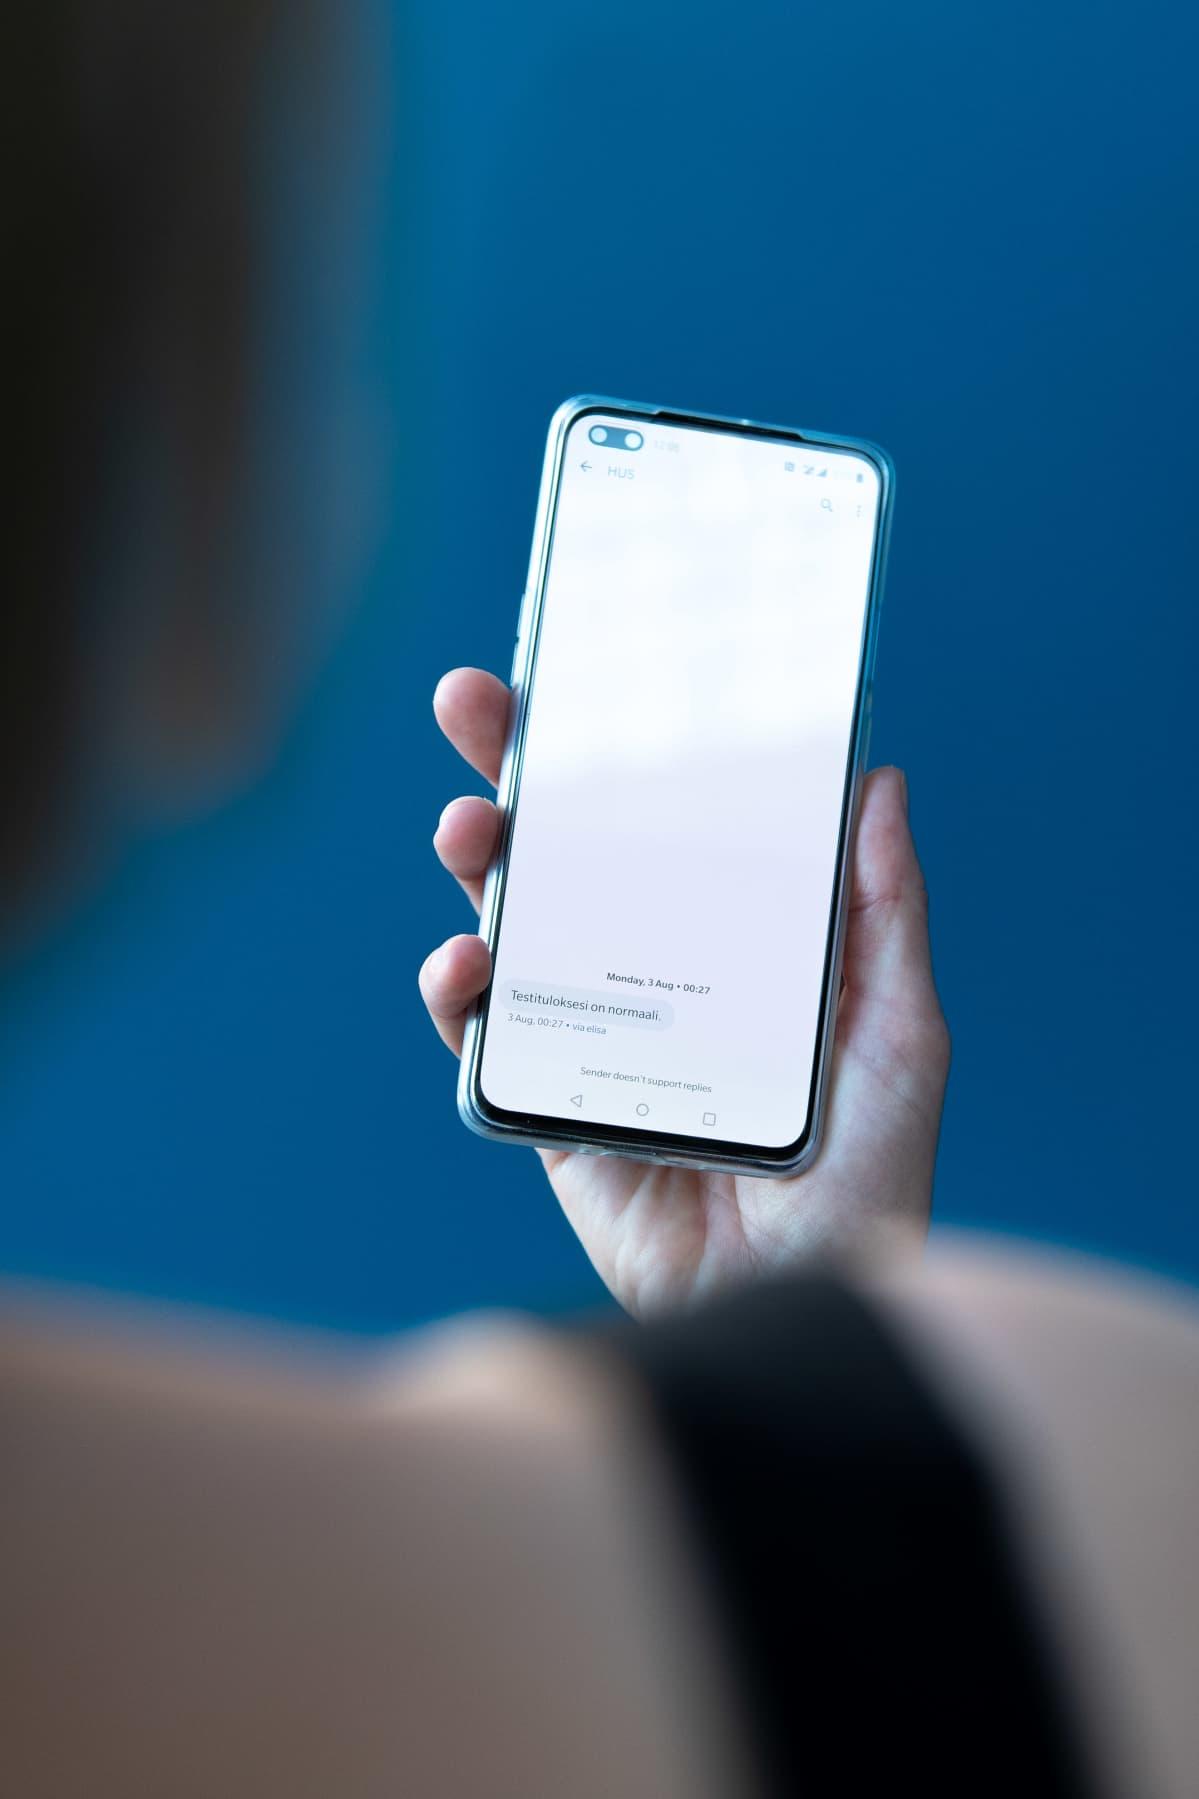 Nainen pitää puhelinta sinisen taustan edessä, puhelimen näytöllä näkyy tekstiviesti jossa kerrotaan koronatestin tulos.